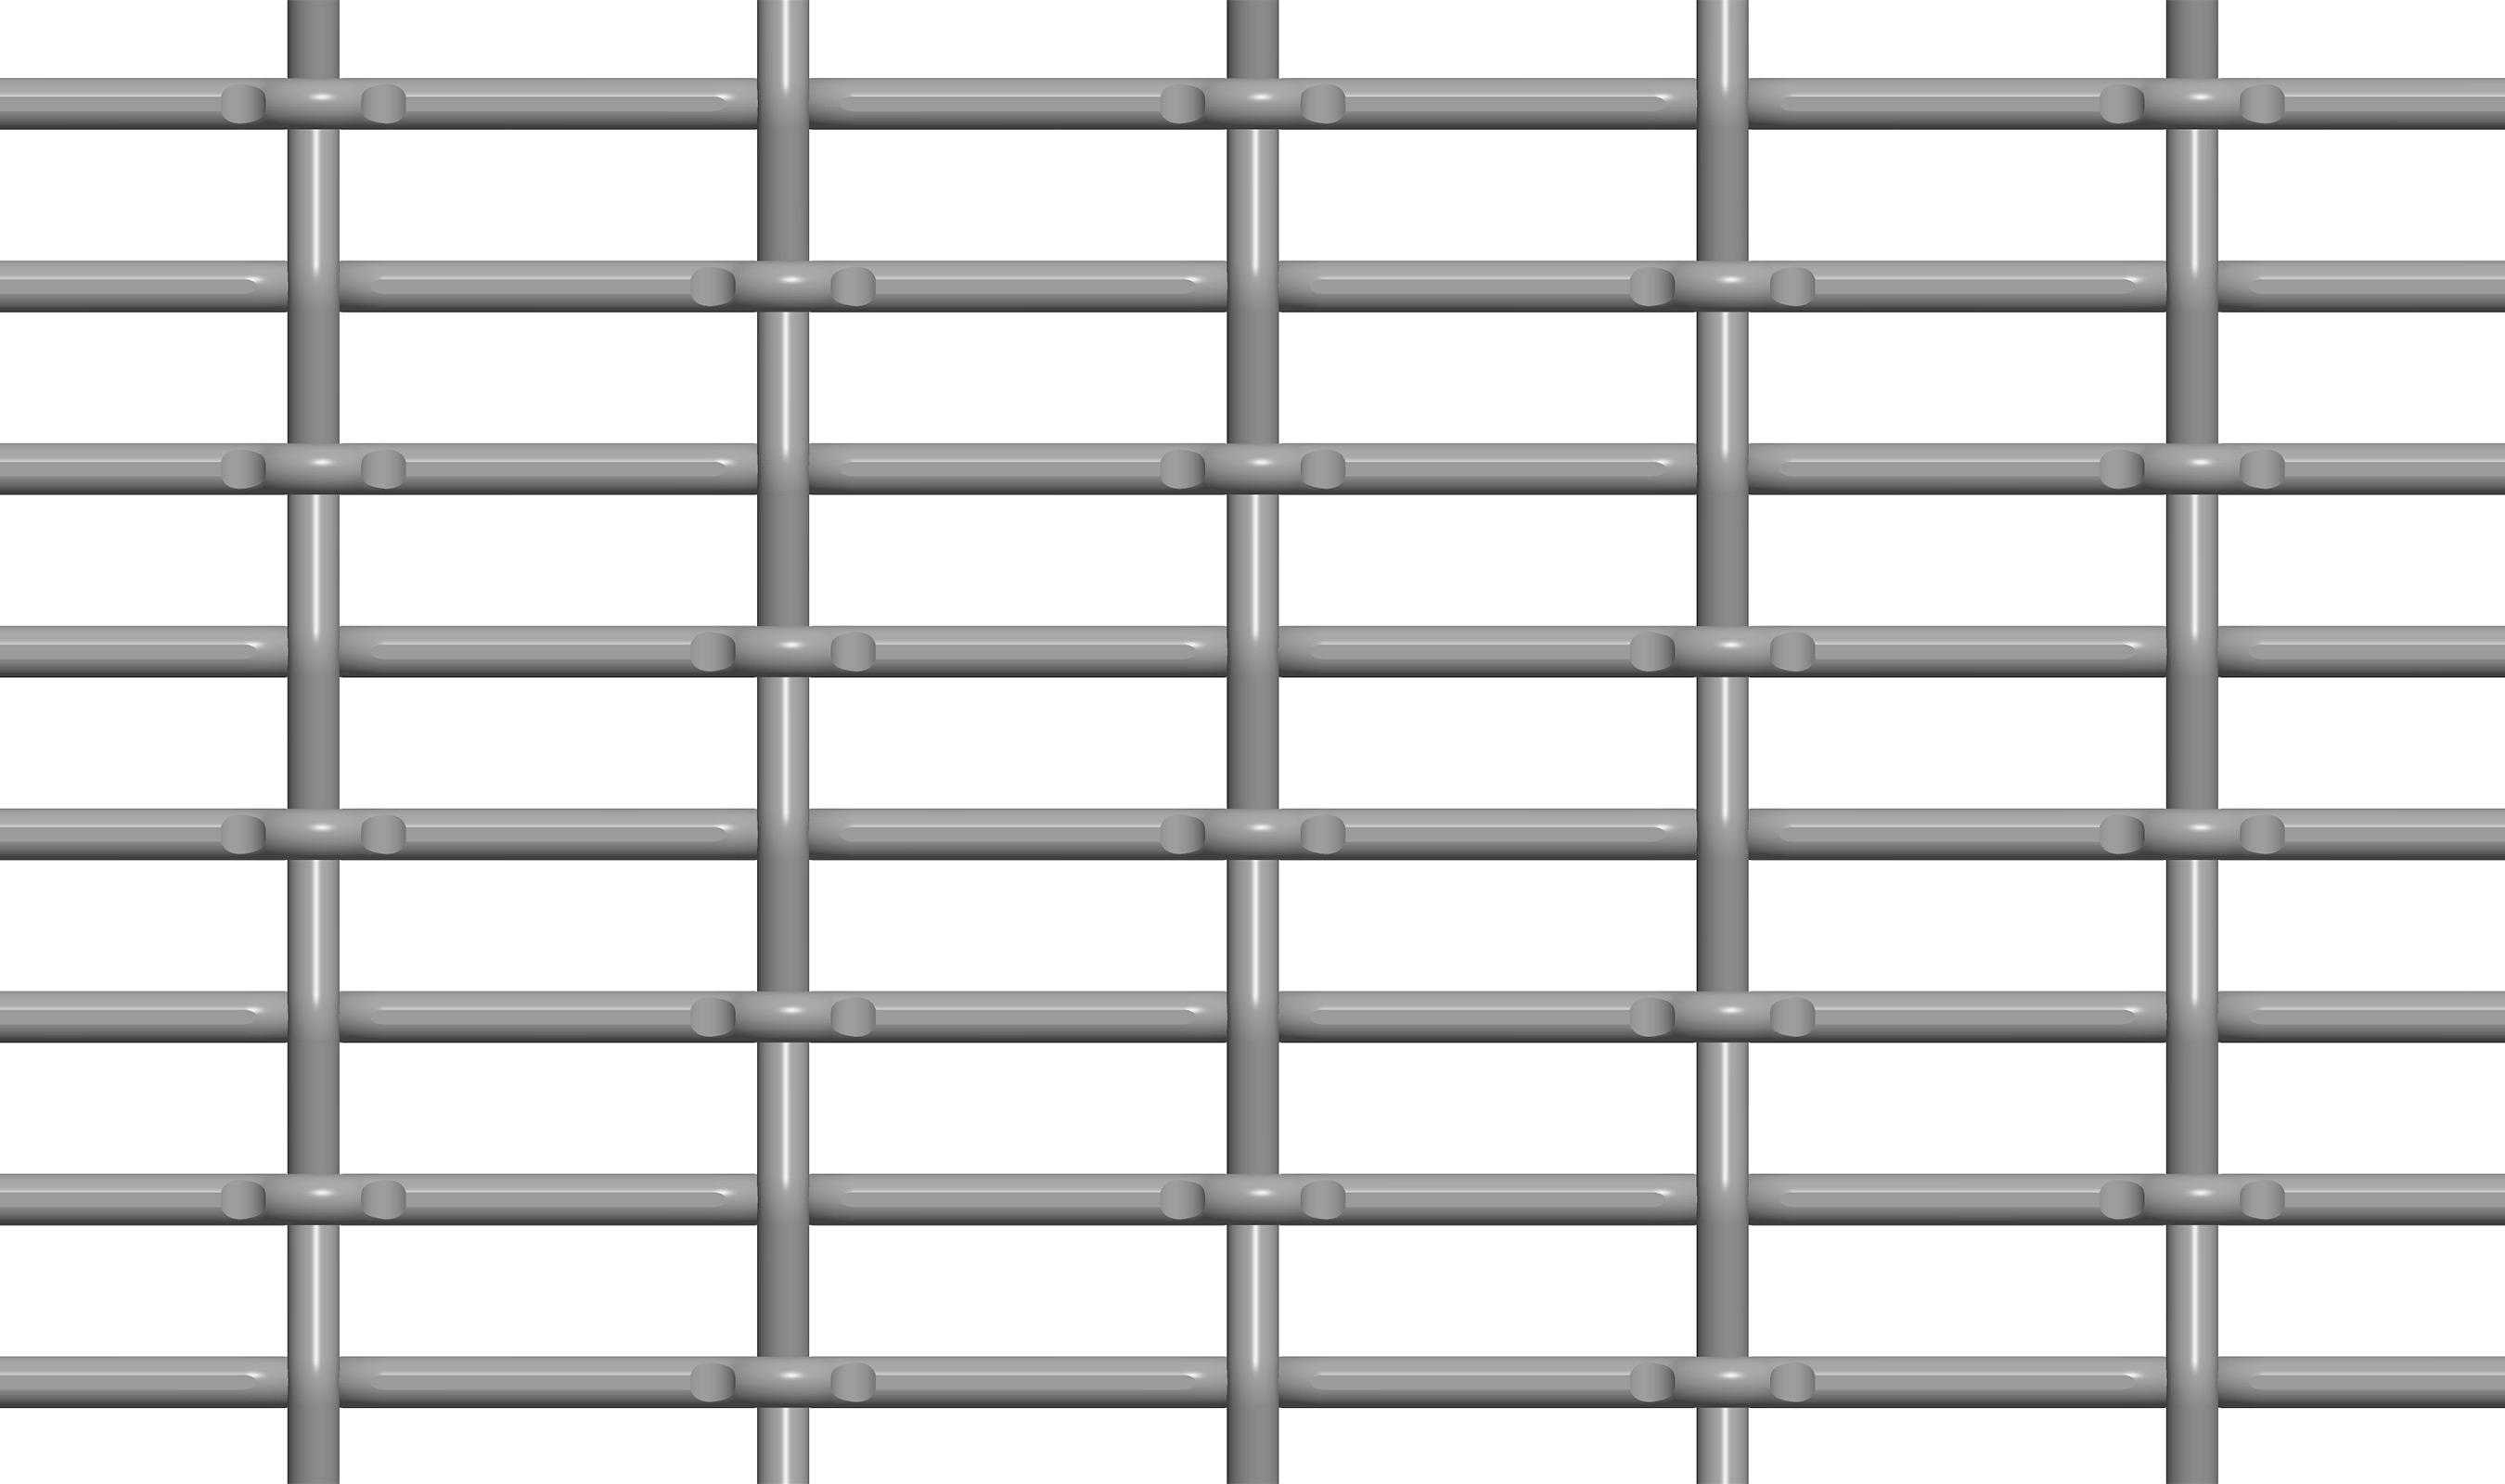 LPZ-110 lock crimp plain woven wire mesh